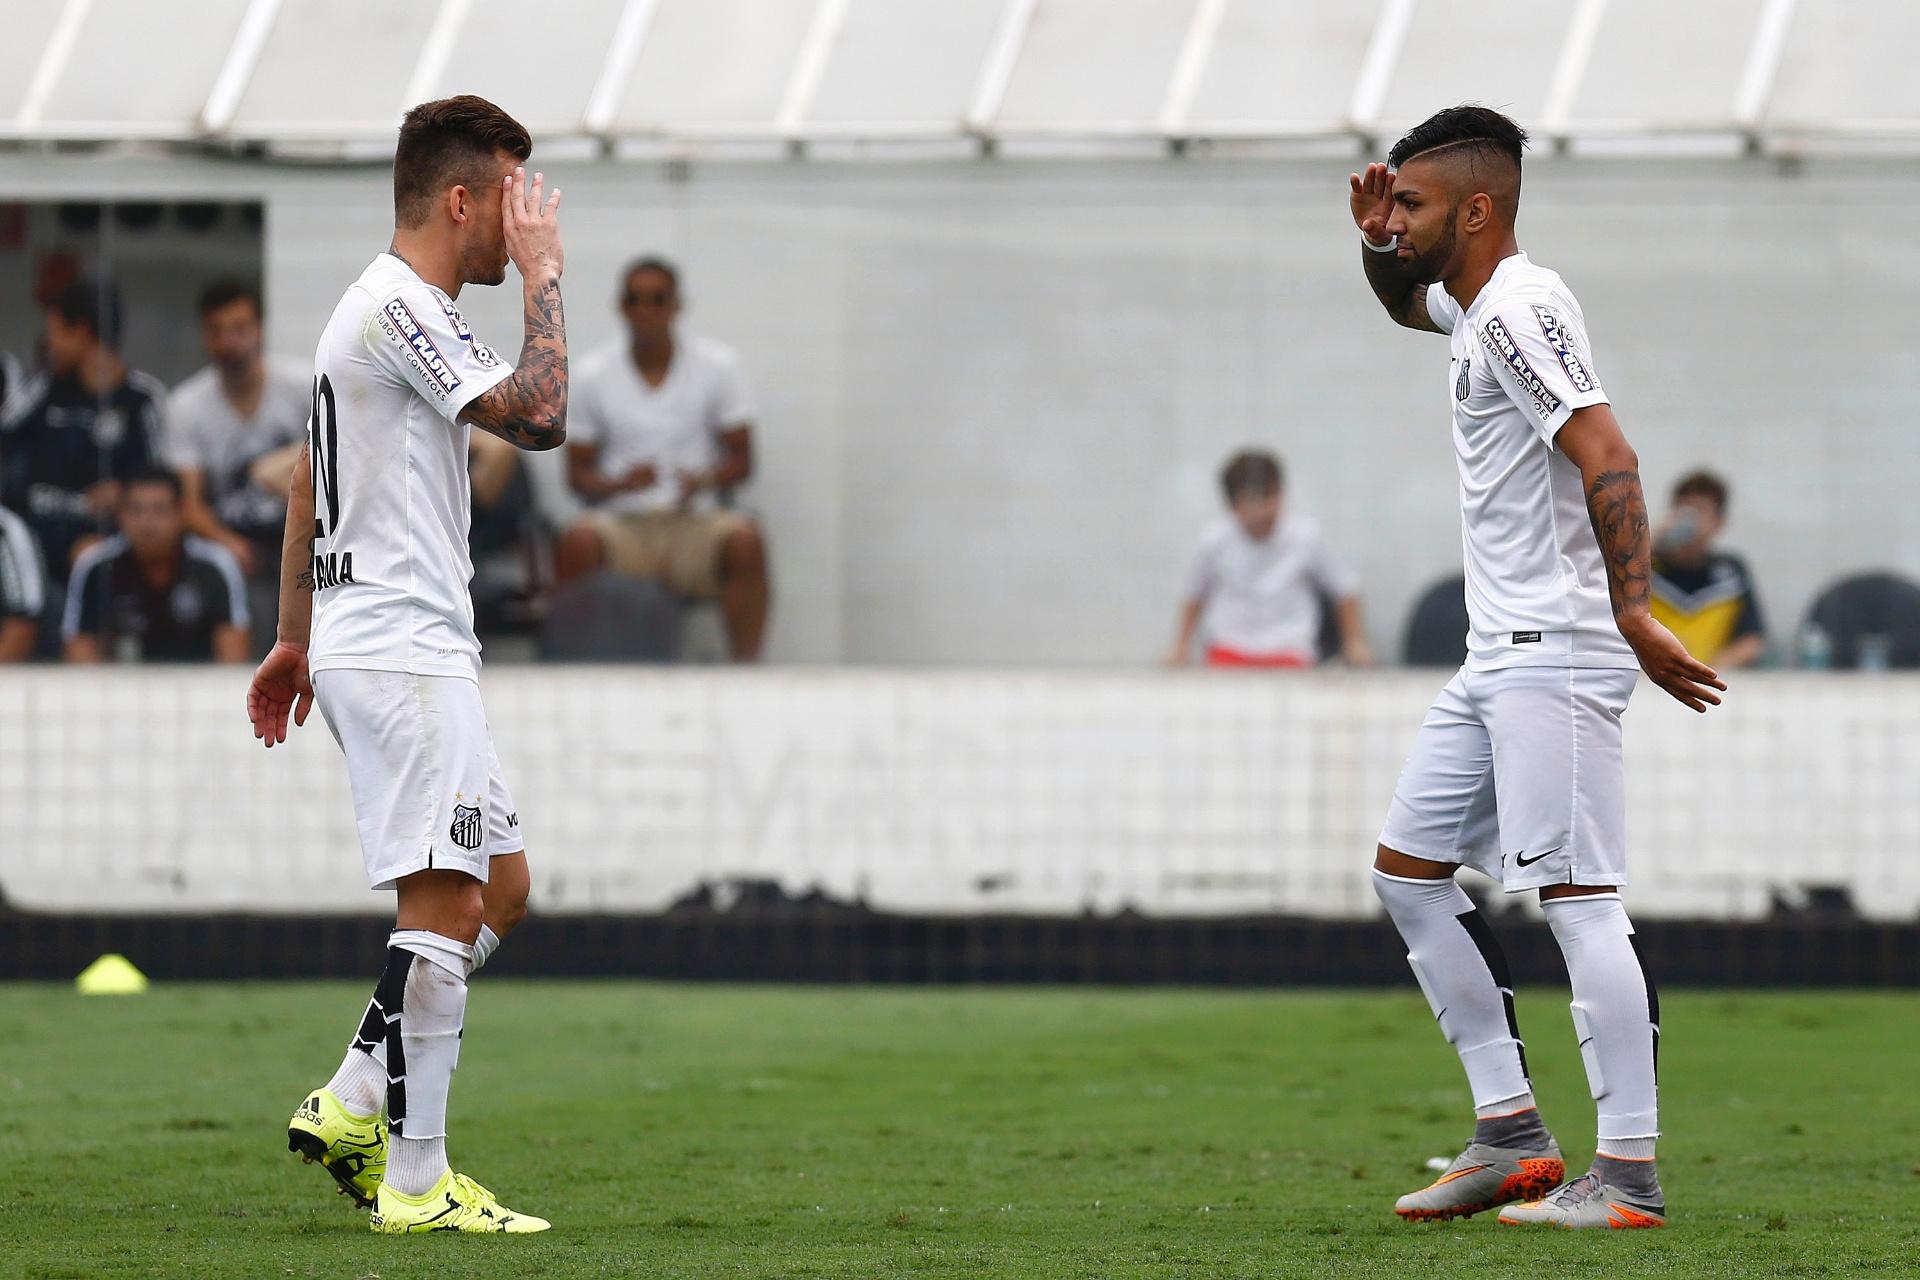 Santos teme perder metade do time  quem são e para onde podem ir -  13 05 2016 - UOL Esporte 9282268beedc6